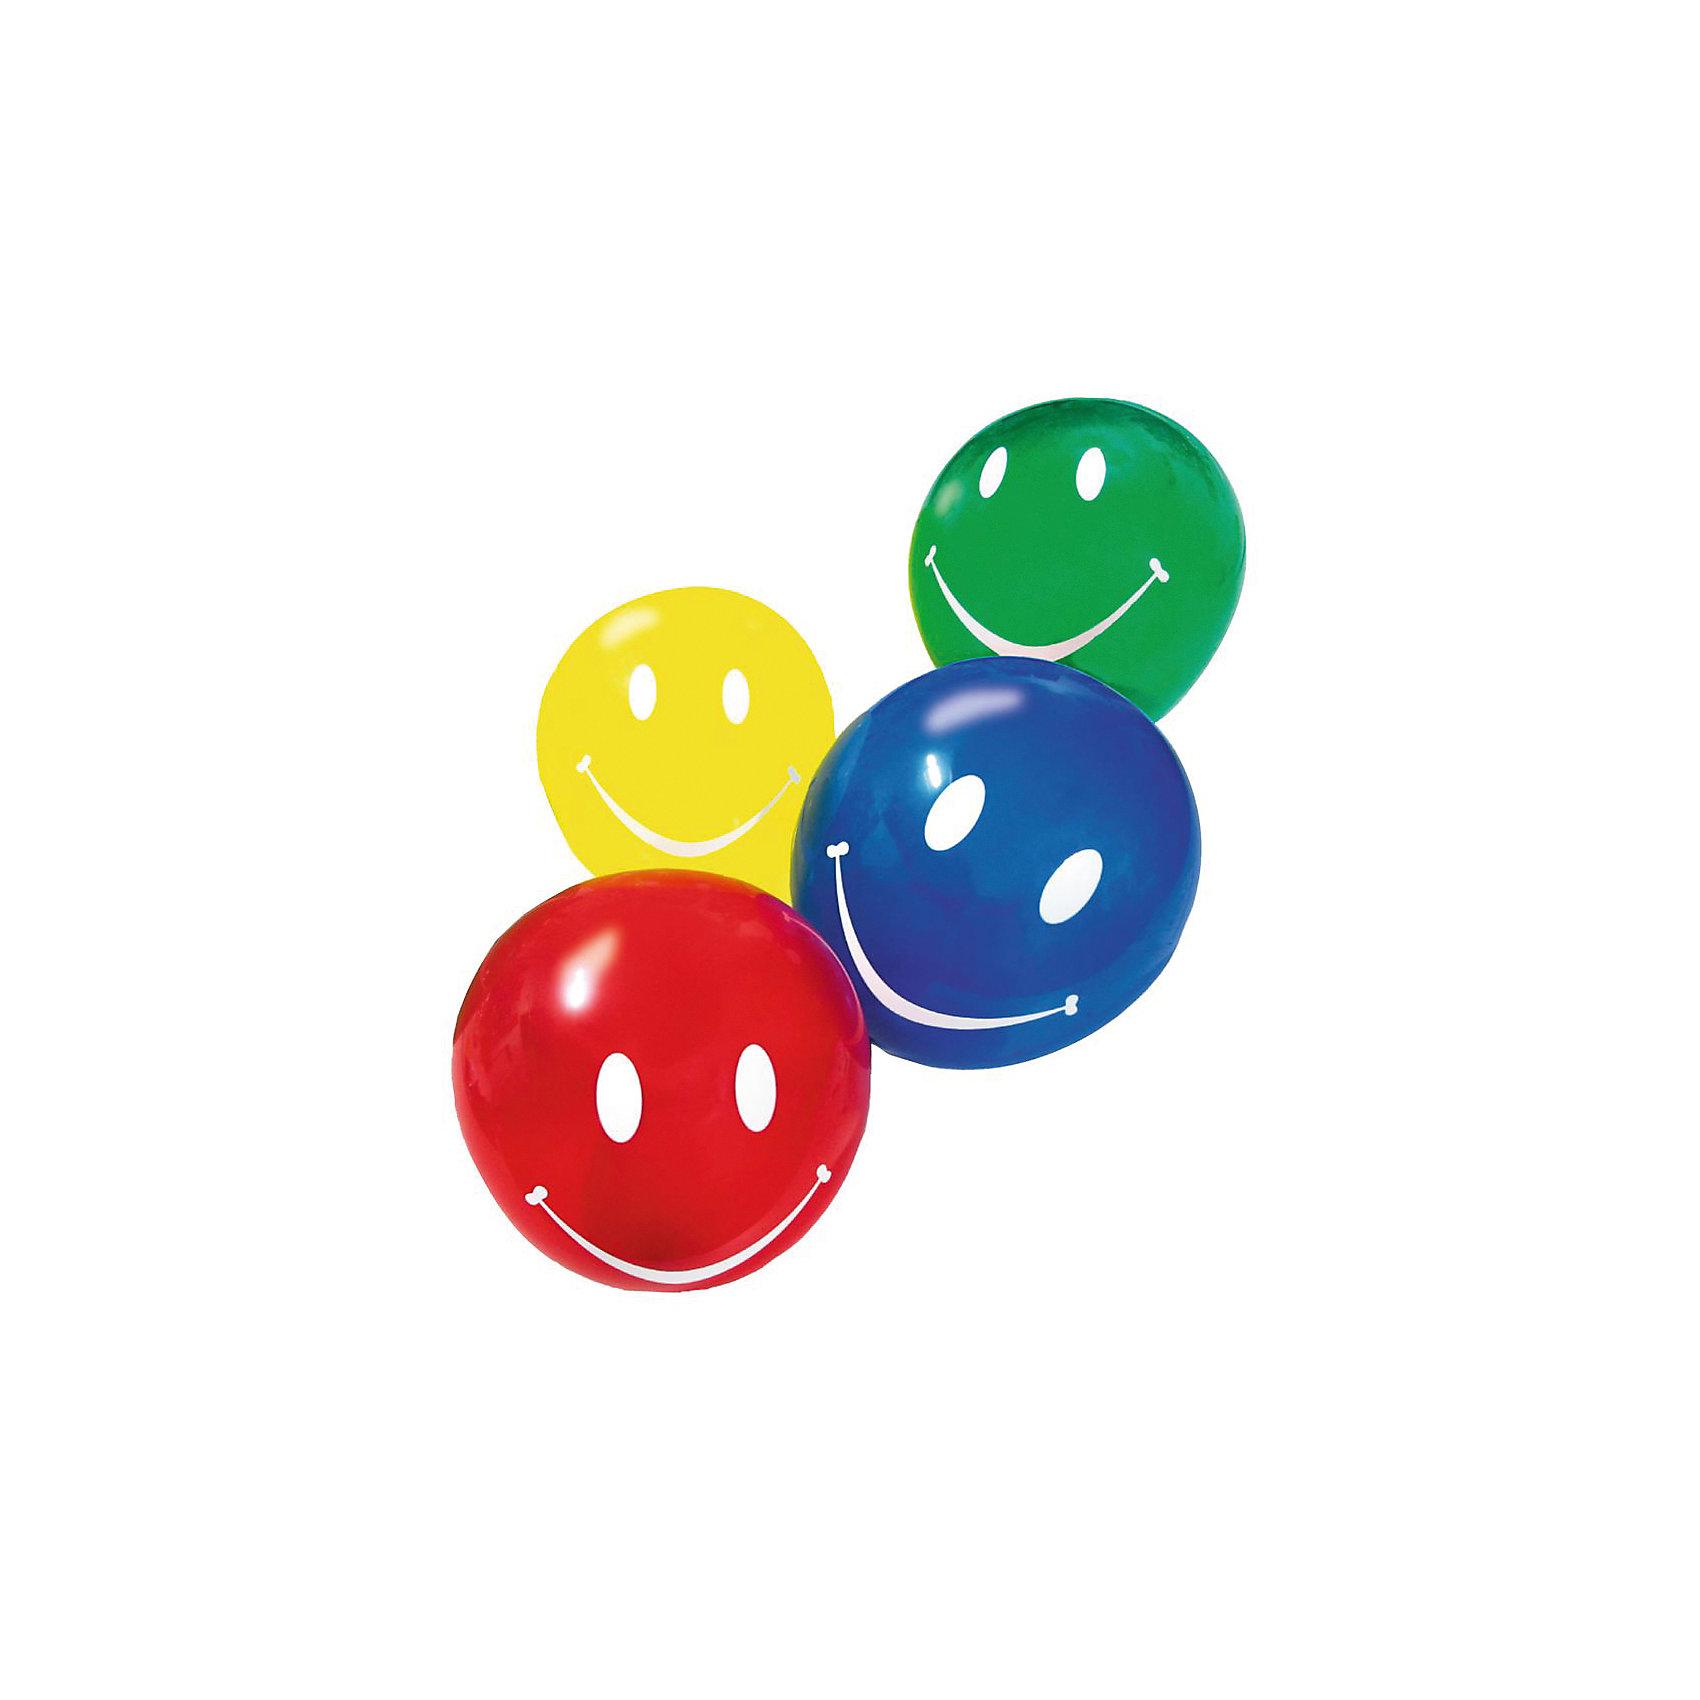 Шары воздушные Smile, 10 шт, блистерВсё для праздника<br>Характеристики товара:<br><br>• возраст: от 3 лет<br>• цвет: мульти<br>• материал: биоразлагаемый латекс<br>• размер упаковки: 1х13х20 см<br>•  для надувания гелием или воздухом<br>• комплектация: 10 шт<br>• вес: 30 г<br>• страна бренда: Германия<br>• страна изготовитель: Германия<br><br>Разноцветные воздушные шары с забавными смайликами добавят красок и создадут атмосферу праздника, а также поднимут настроение имениннику и его гостям.<br><br>Изделие произведено из безопасного для детей материала.<br><br>Шары воздушные  «Smile», 10 шт от бренда Herlitz (Херлиц) можно купить в нашем интернет-магазине.<br><br>Ширина мм: 15<br>Глубина мм: 128<br>Высота мм: 220<br>Вес г: 27<br>Возраст от месяцев: 36<br>Возраст до месяцев: 2147483647<br>Пол: Унисекс<br>Возраст: Детский<br>SKU: 6886511